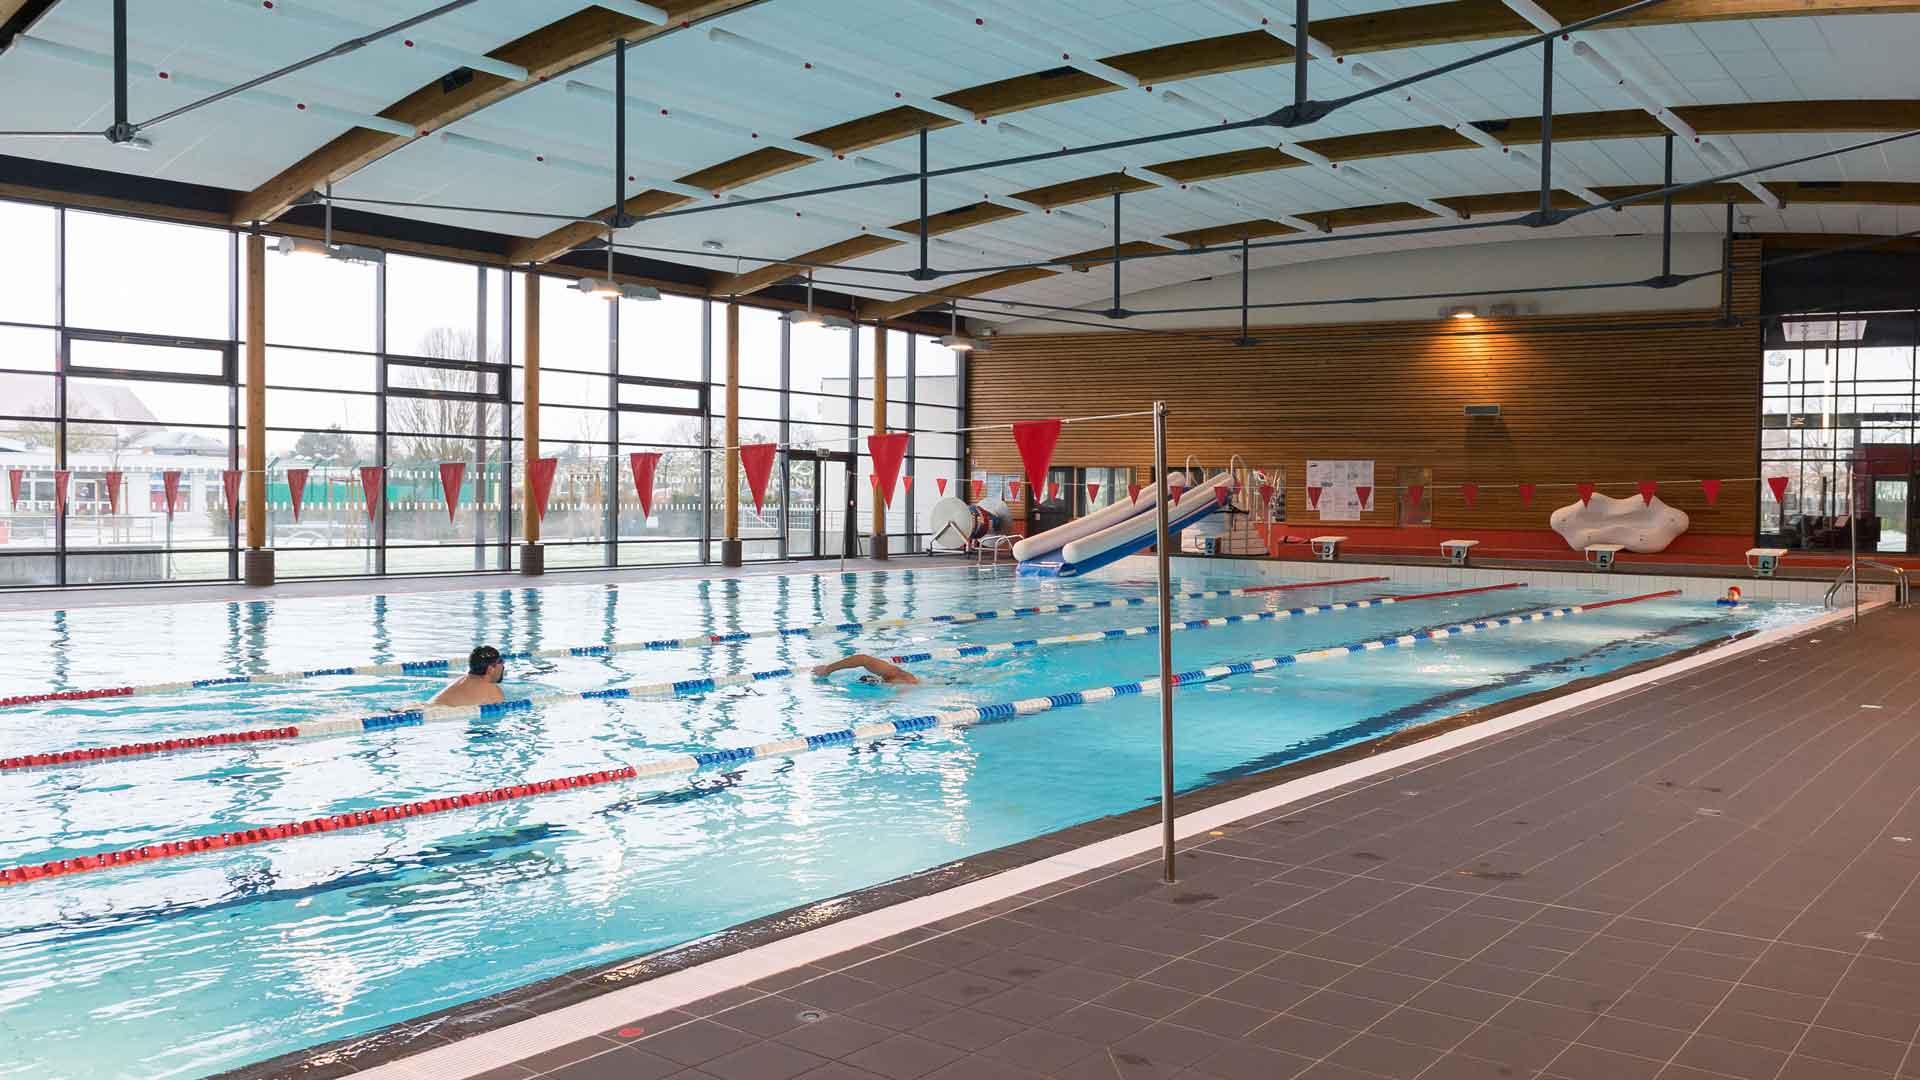 Centre Nautique Aquarhin, Piscine & Spa Ottmarsheim serapportantà Horaire Piscine Ottmarsheim